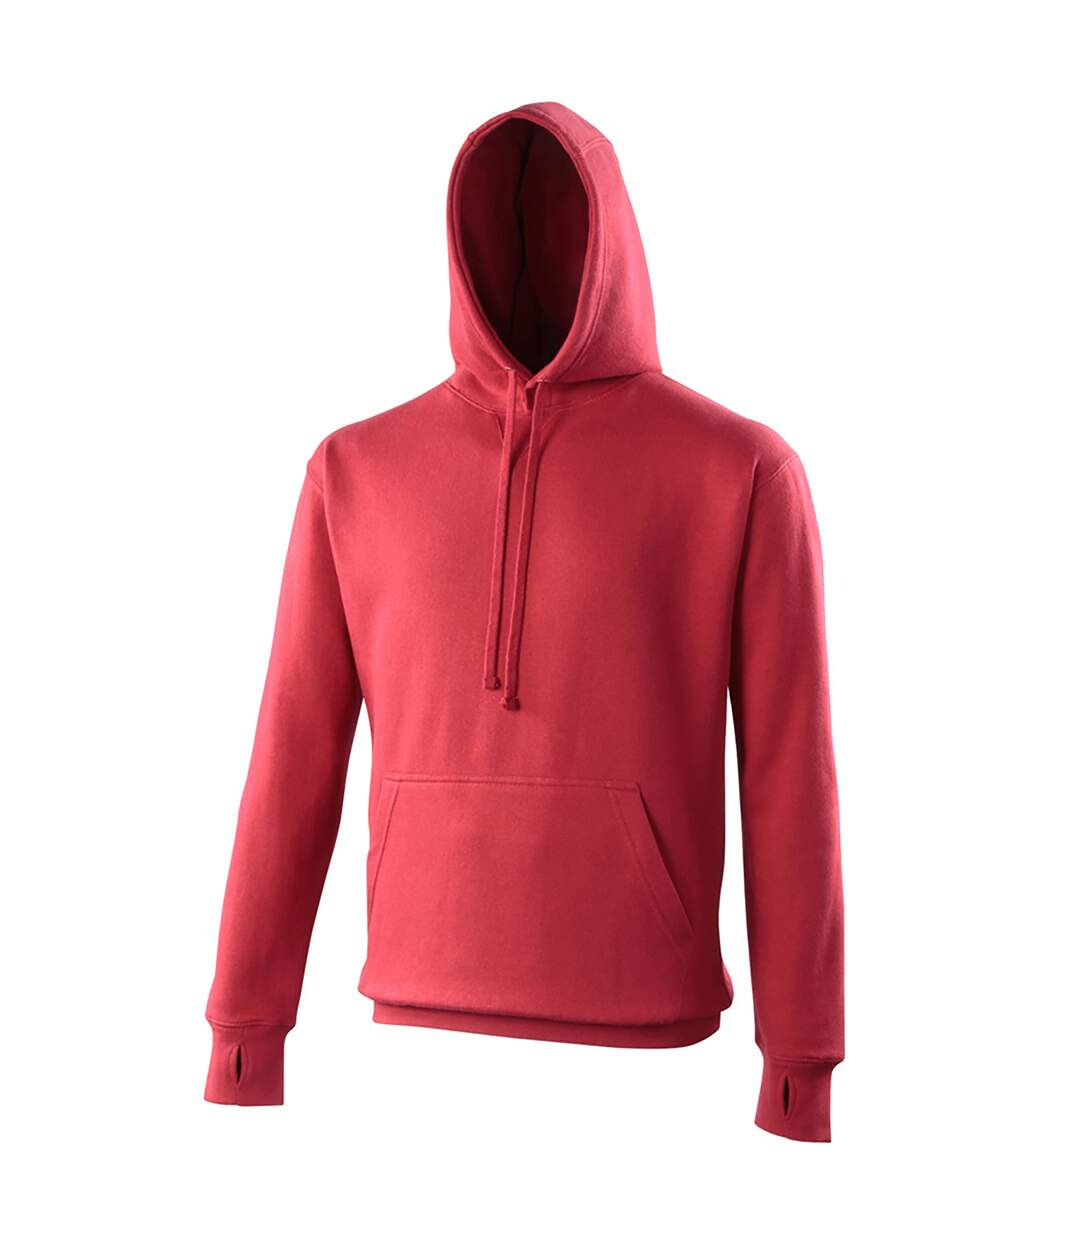 Awdis - Sweatshirt À Capuche - Homme (Rouge piment) - UTRW170